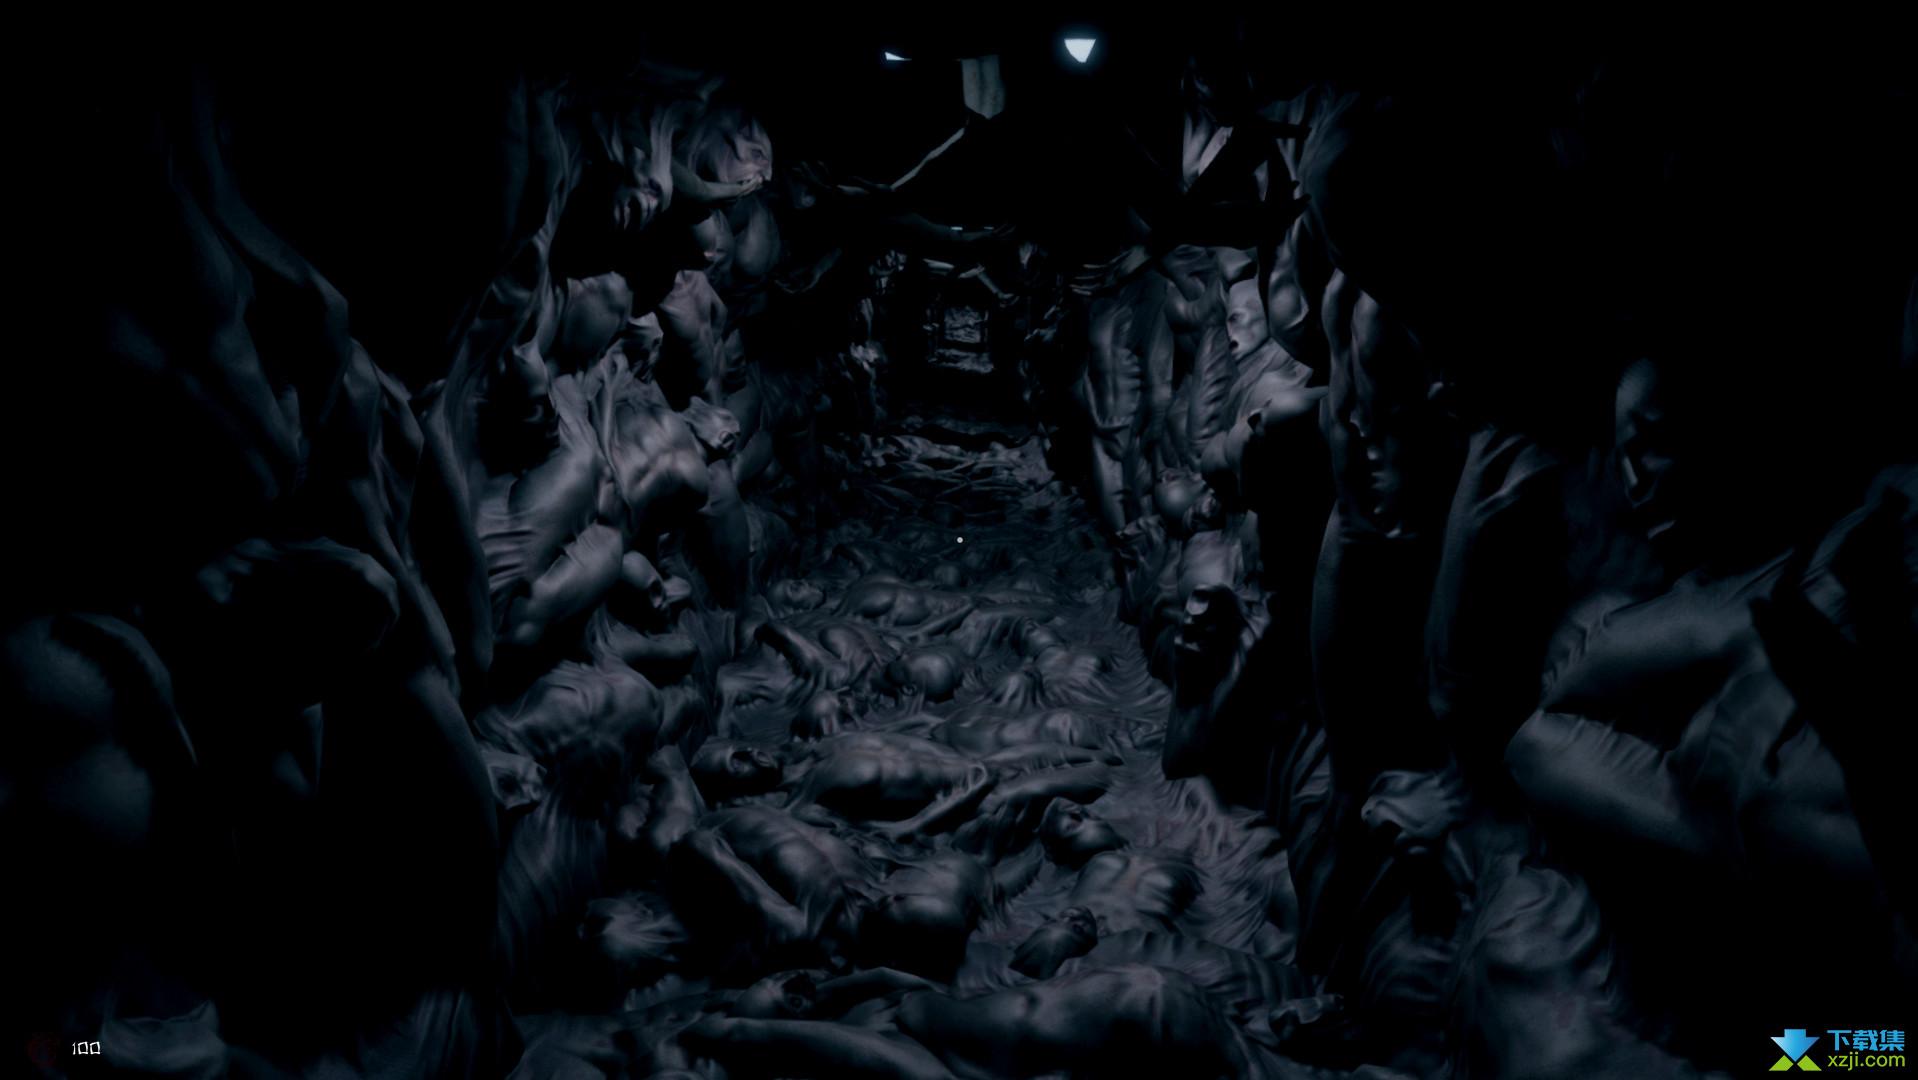 赤井诅咒界面2